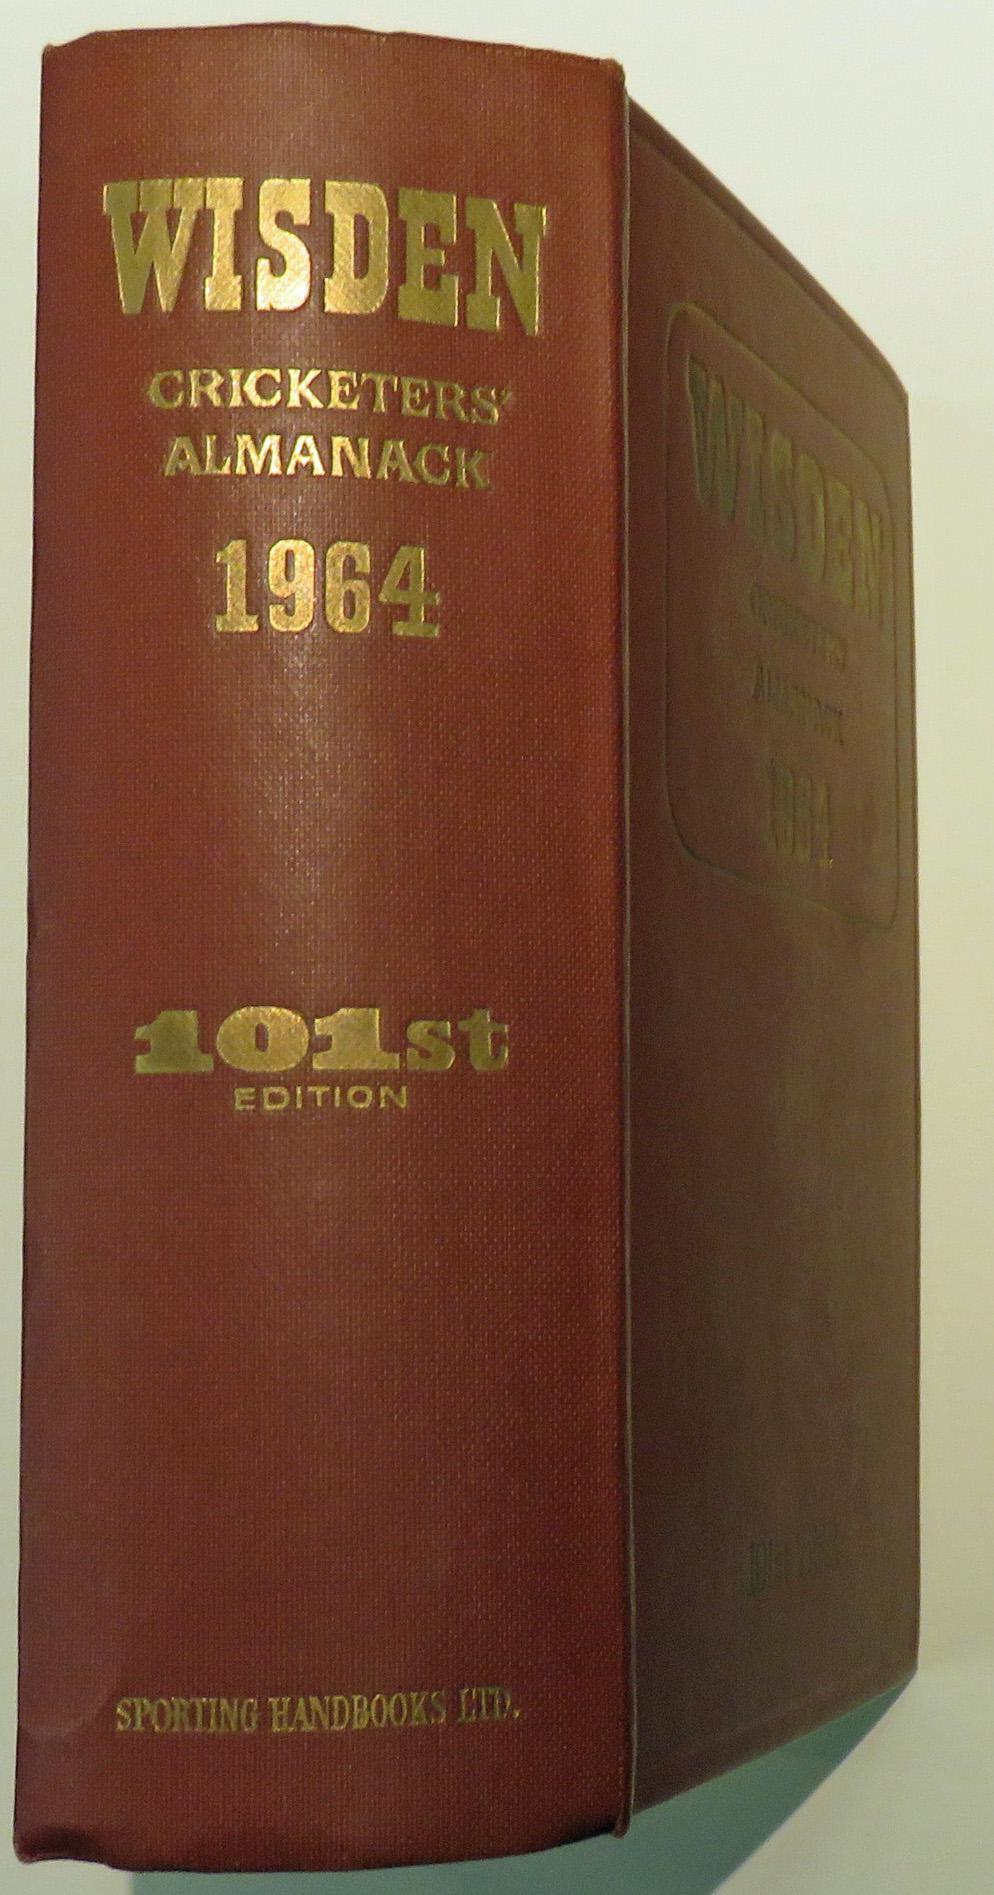 Wisden Cricketers' Almanack 1964